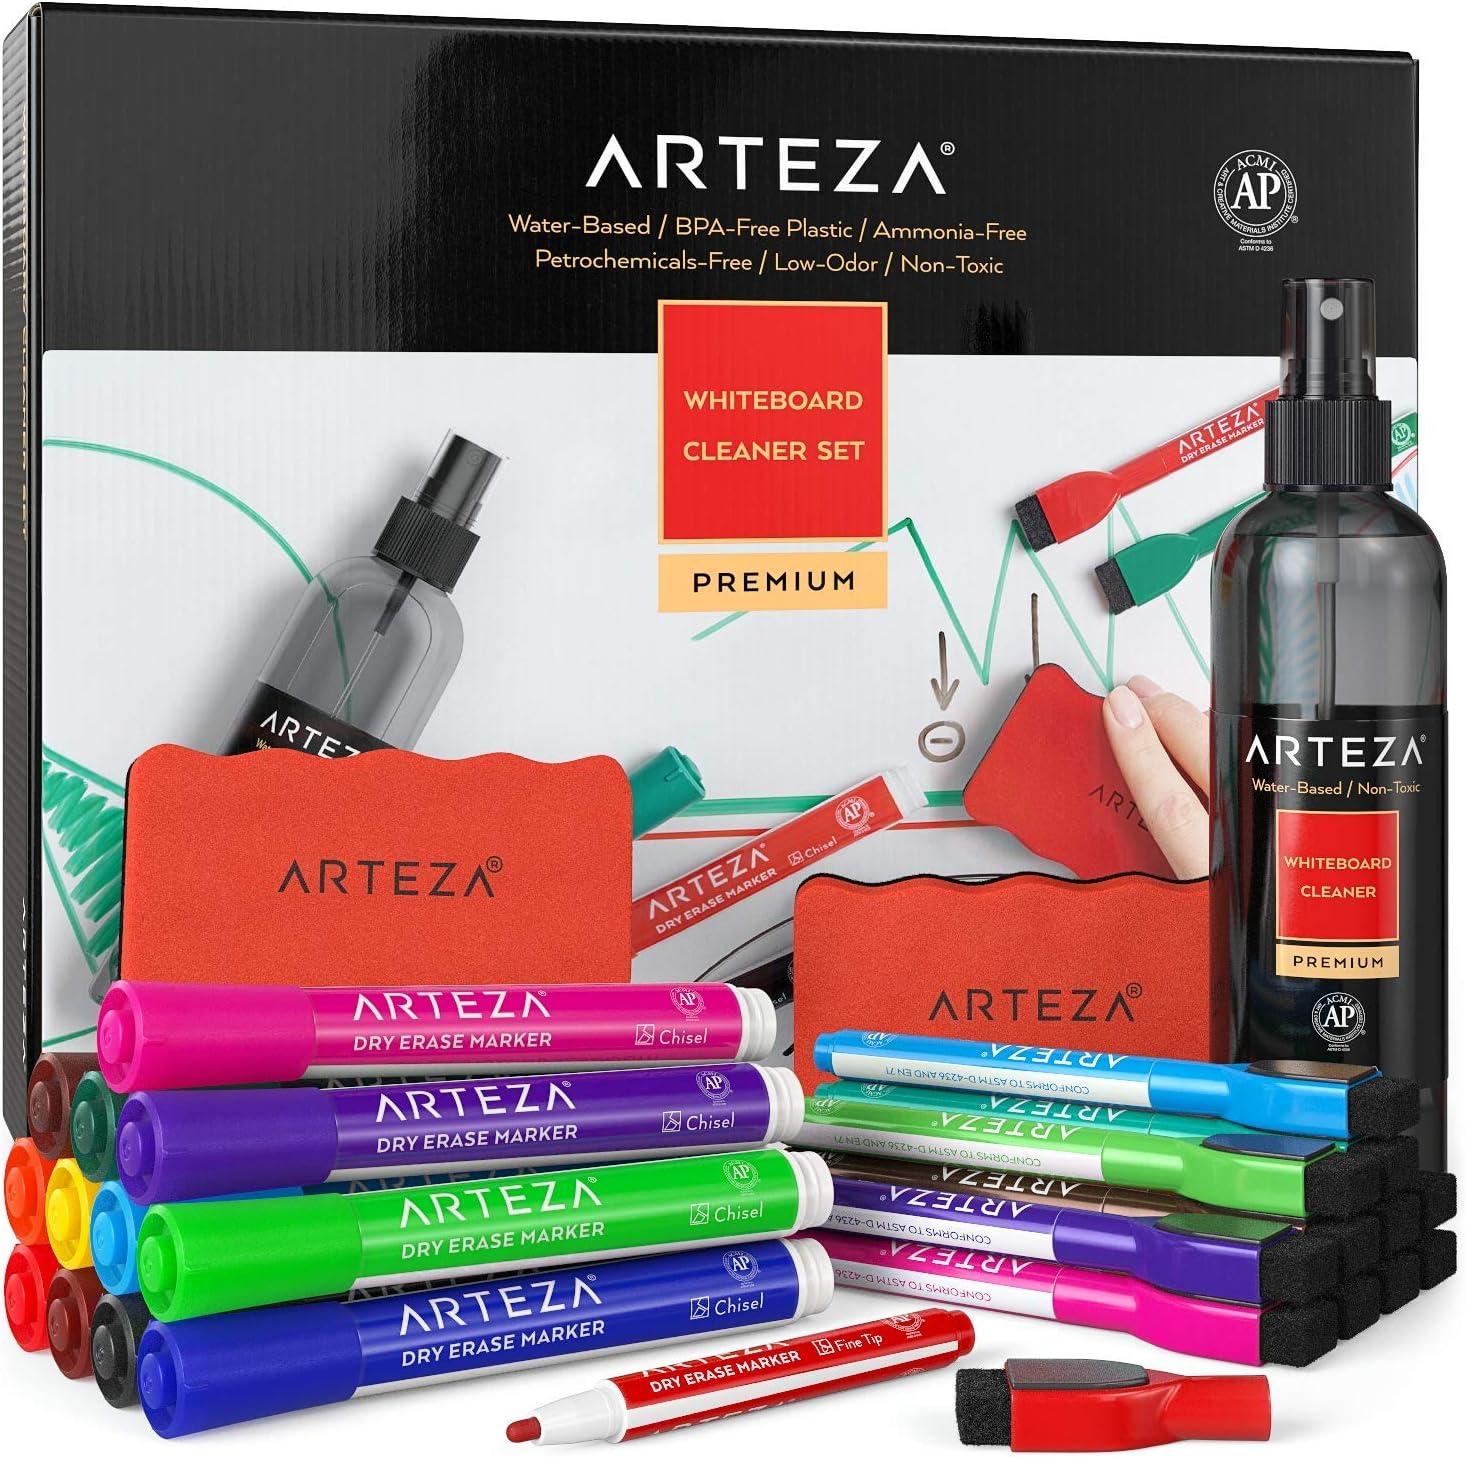 ARTEZA Kit de limpieza para pizarra blanca con 24 rotuladores (12 magnéticos y 12 de punta biselada) + 2 borradores + 1 limpiador | Ideal para limpiar pizarras, tablillas y superficies de vidrio